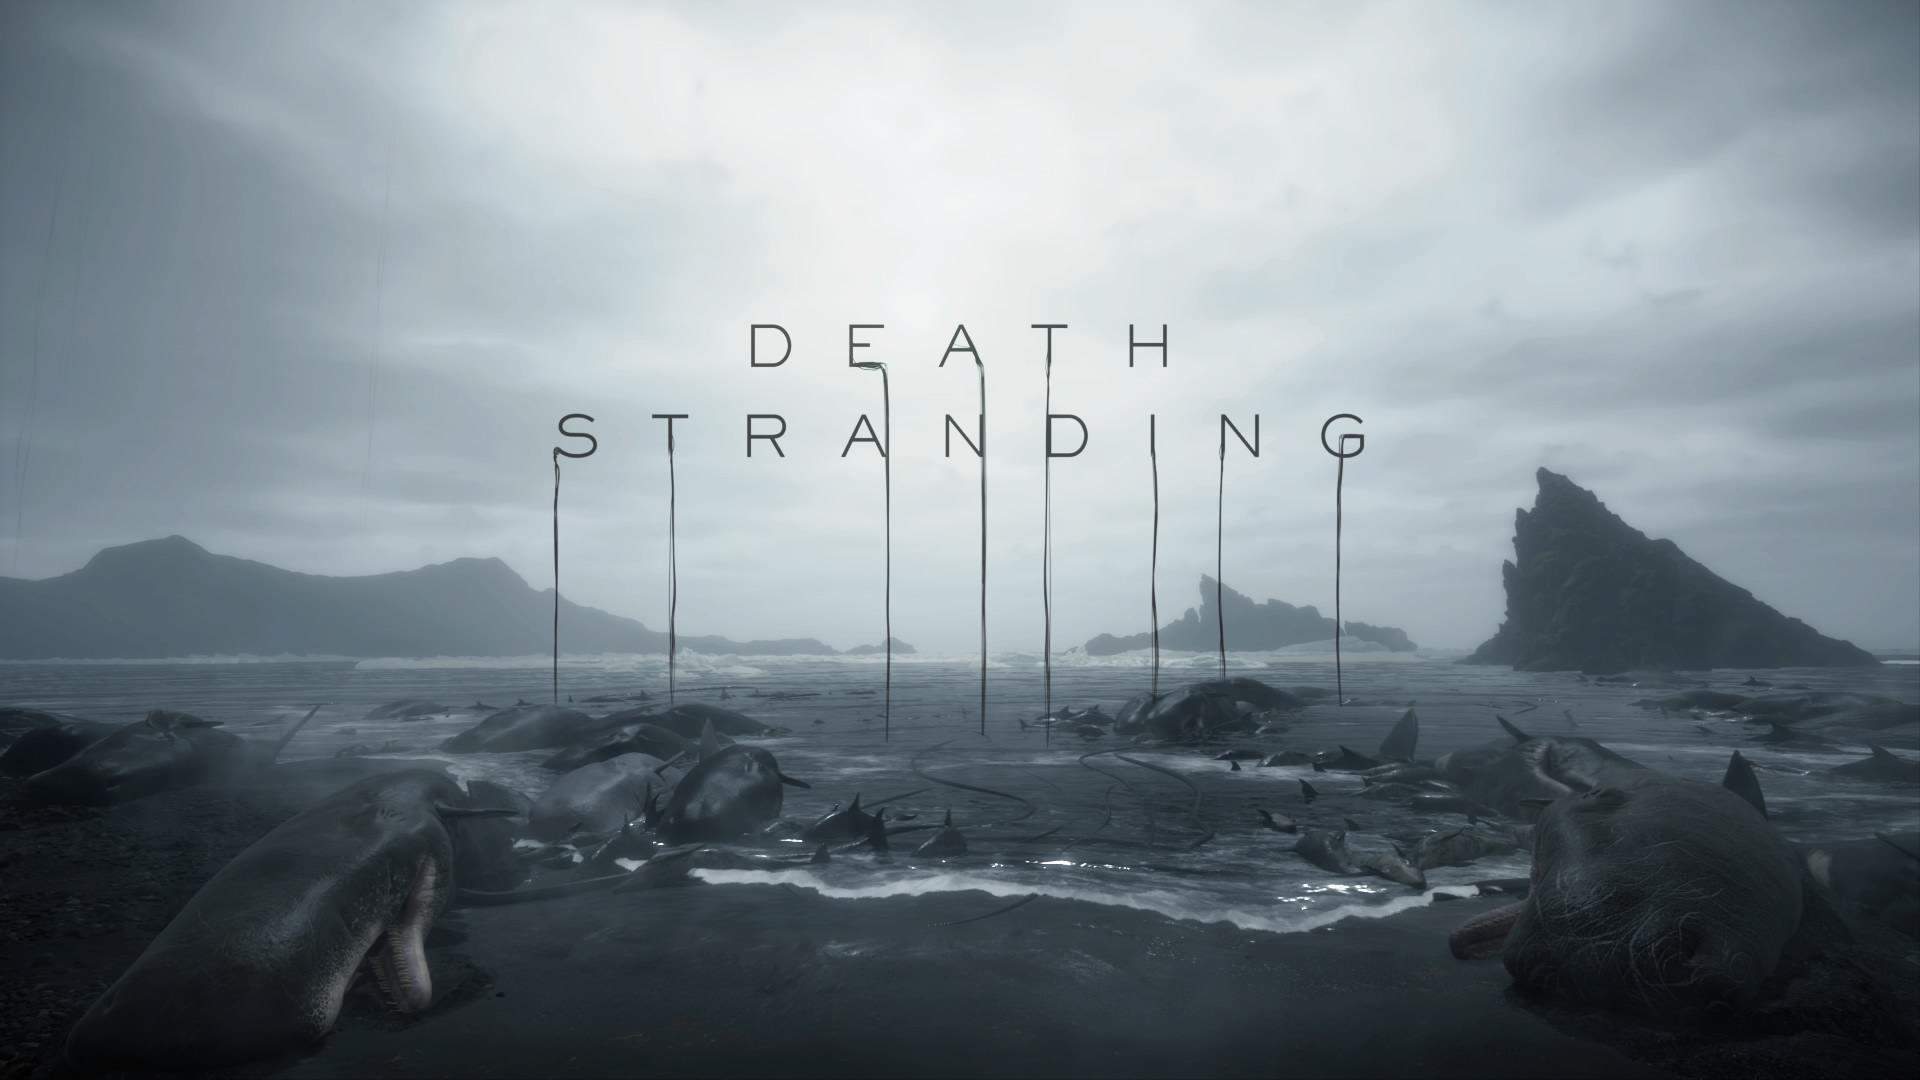 Alarm odwołany, Hideo Kojima nie zbawił branży gier. Death Stranding – recenzja